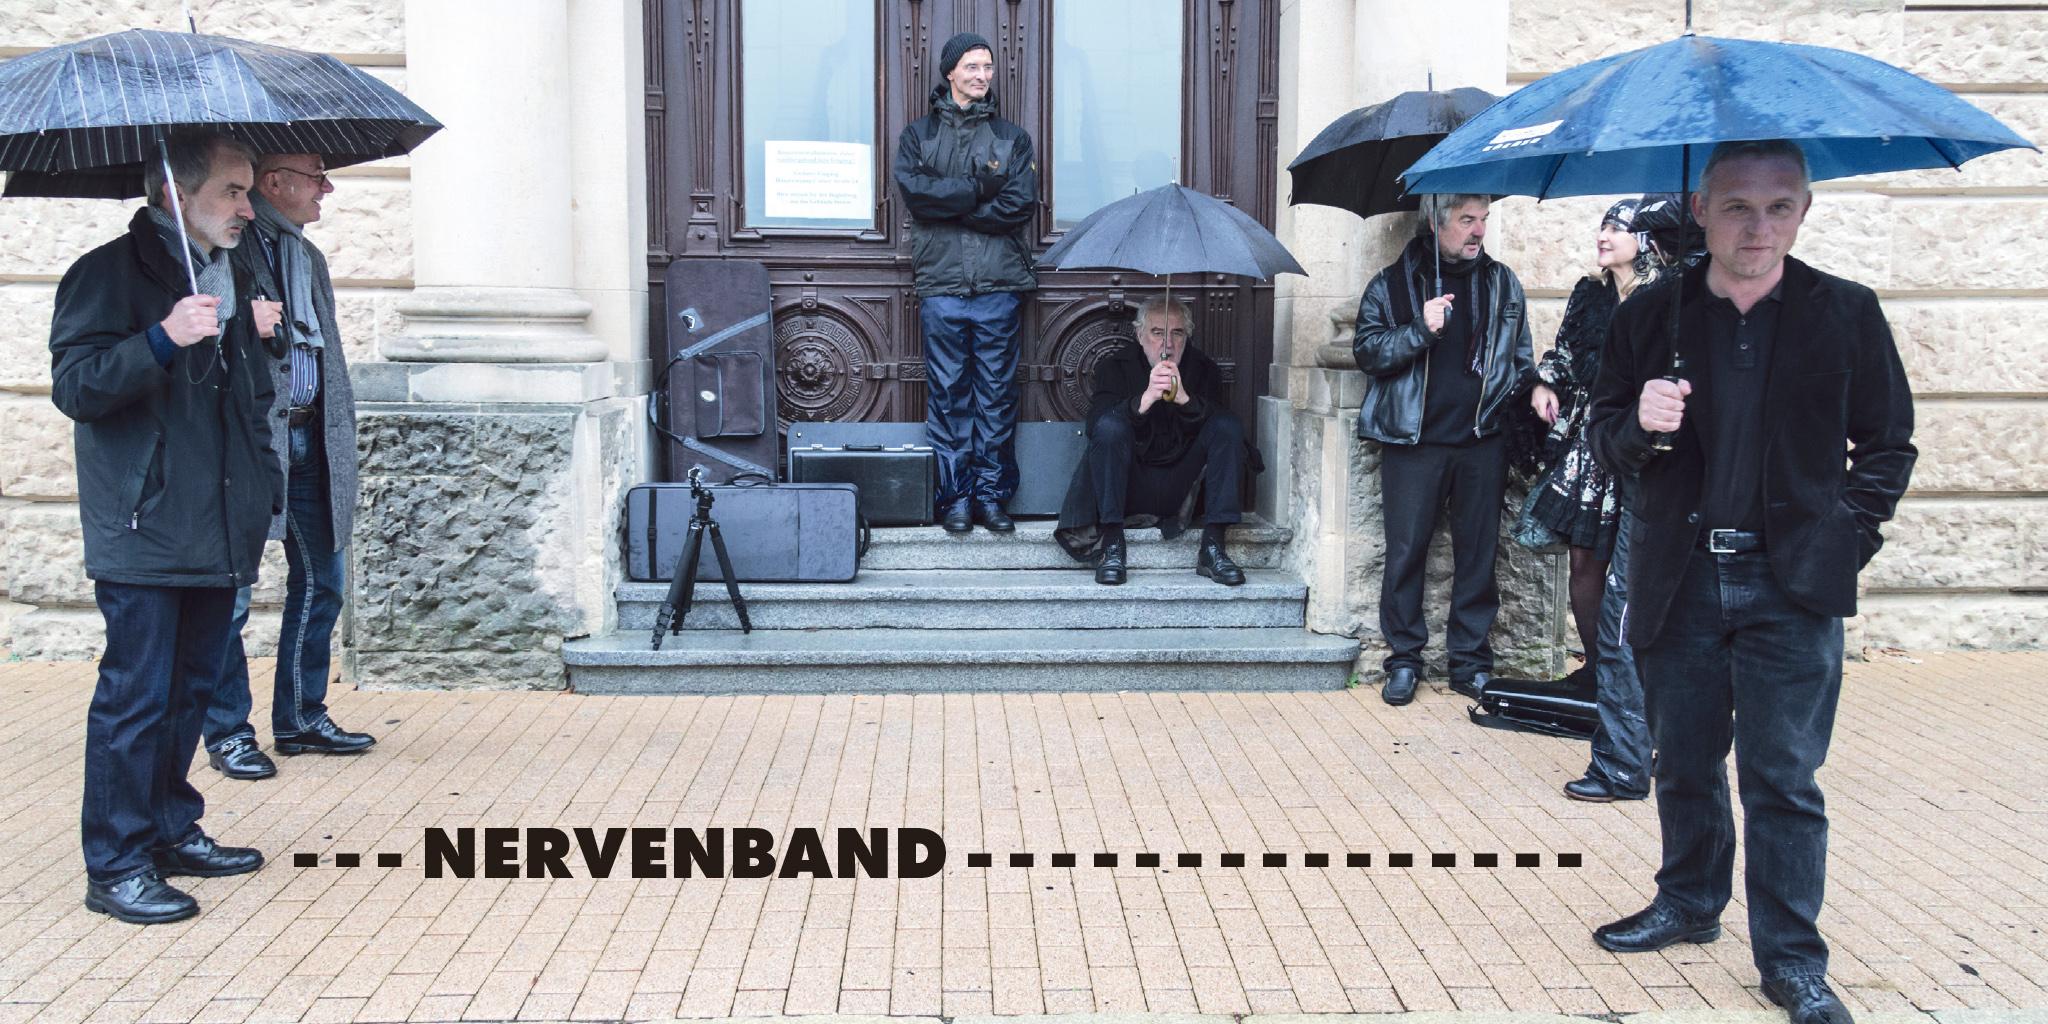 Nervenband - Fotos für Booklet der CD Li'l Darlin'